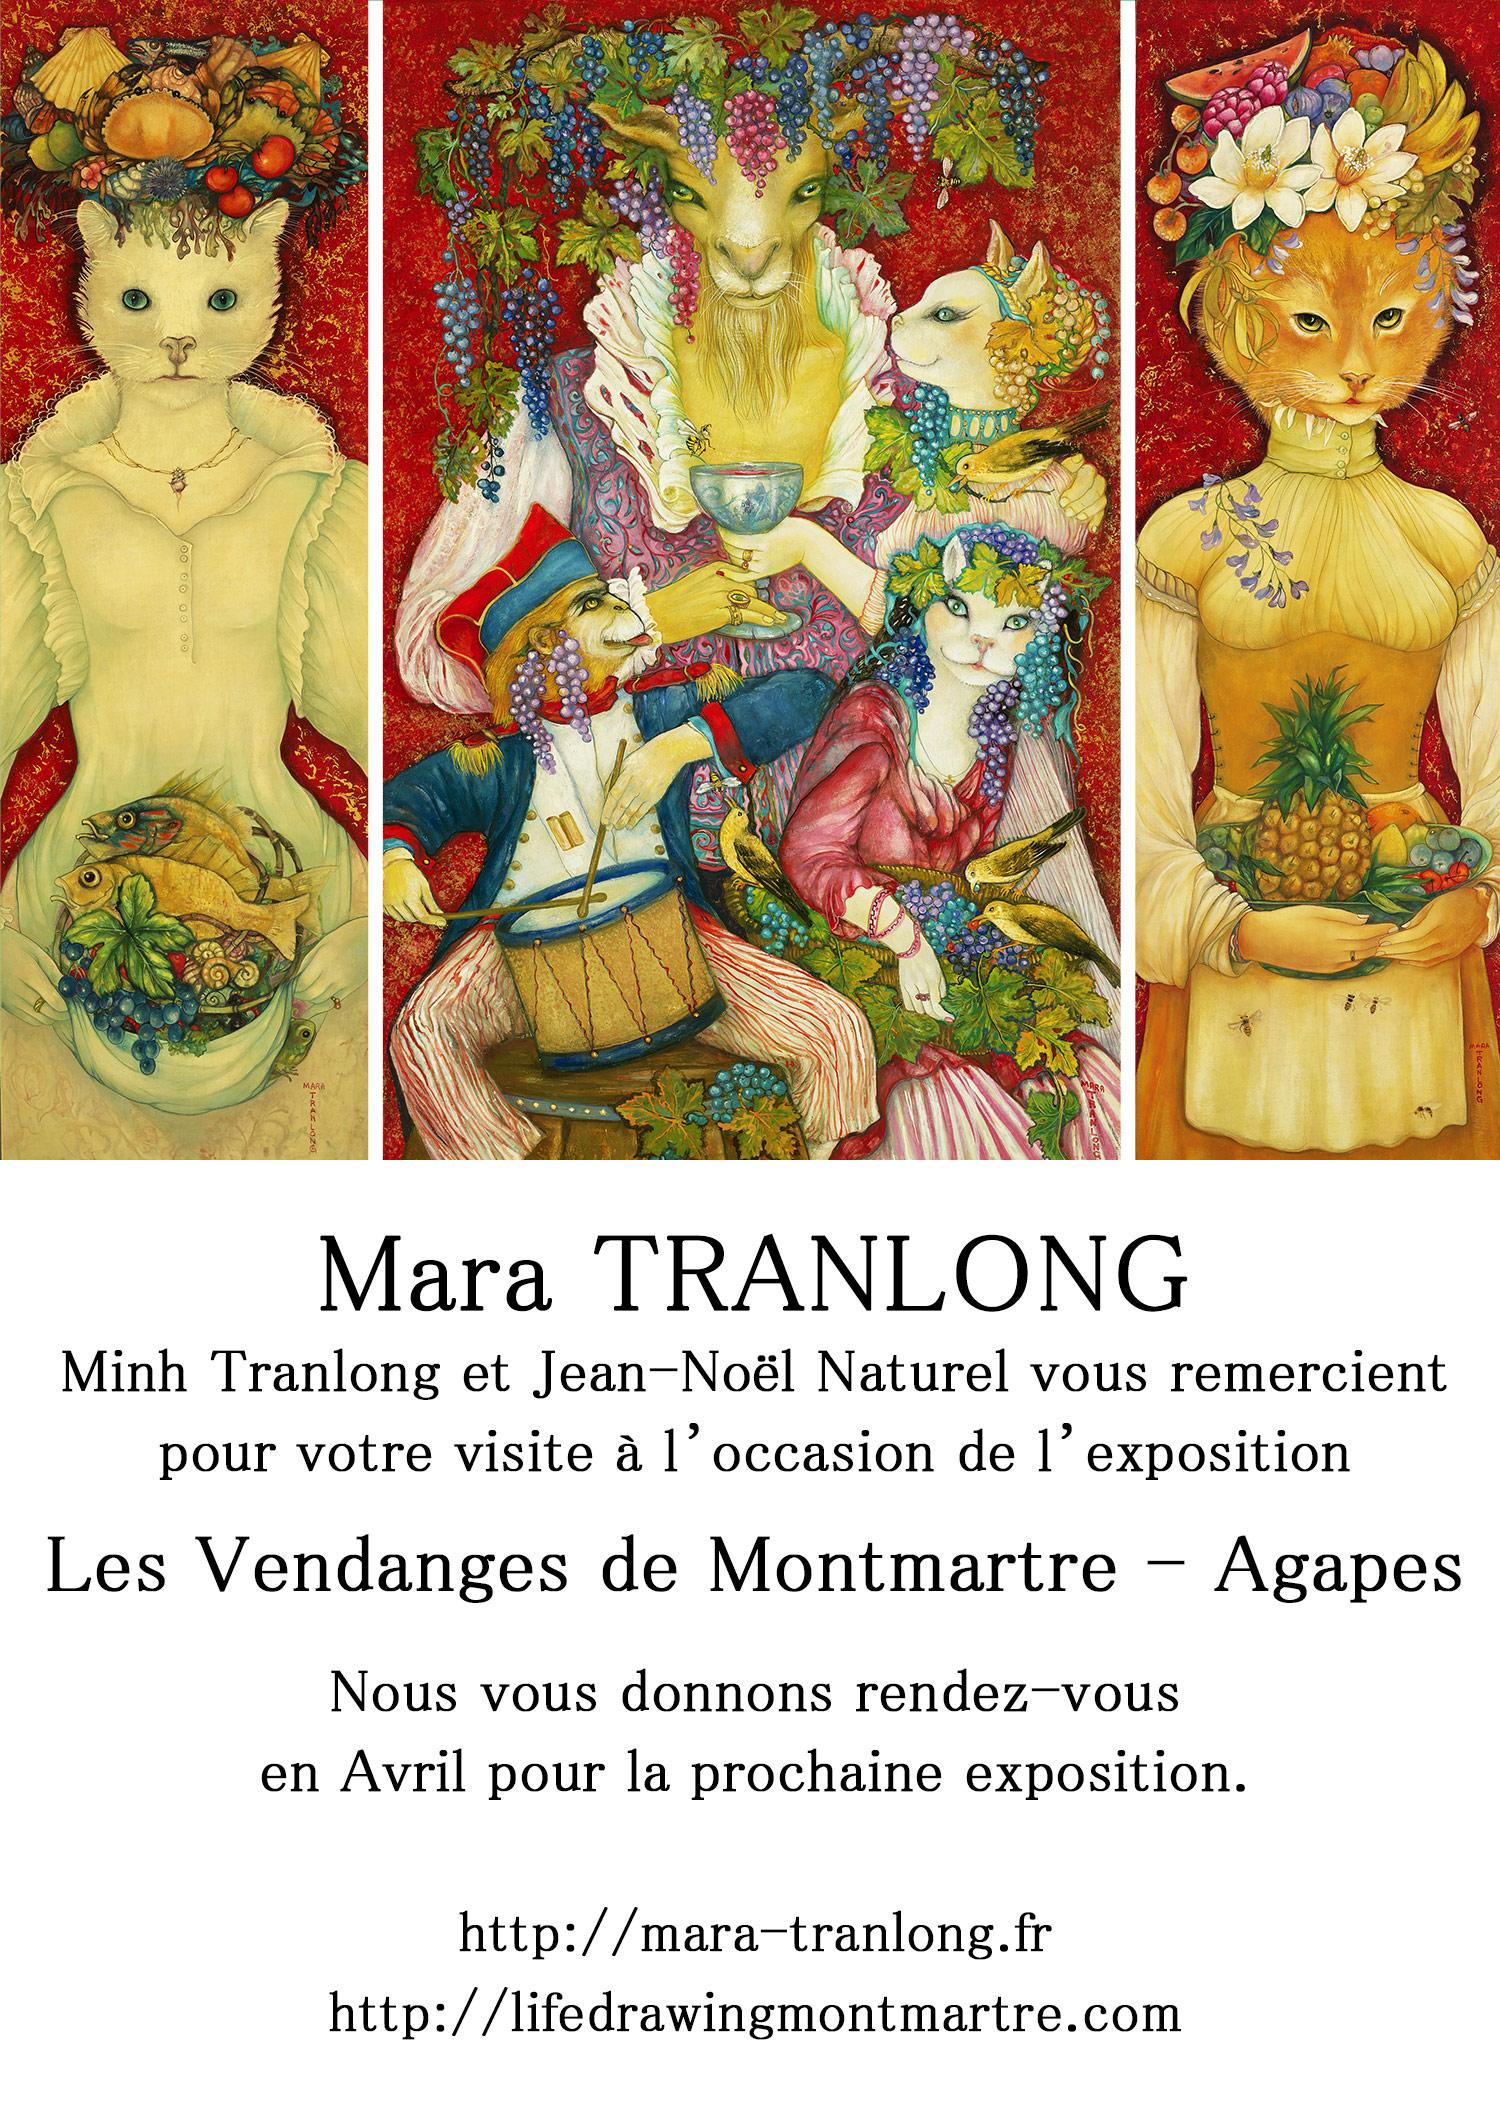 """Mara Tranlong """"Les Vendanges de Montmartre - Agapes"""""""